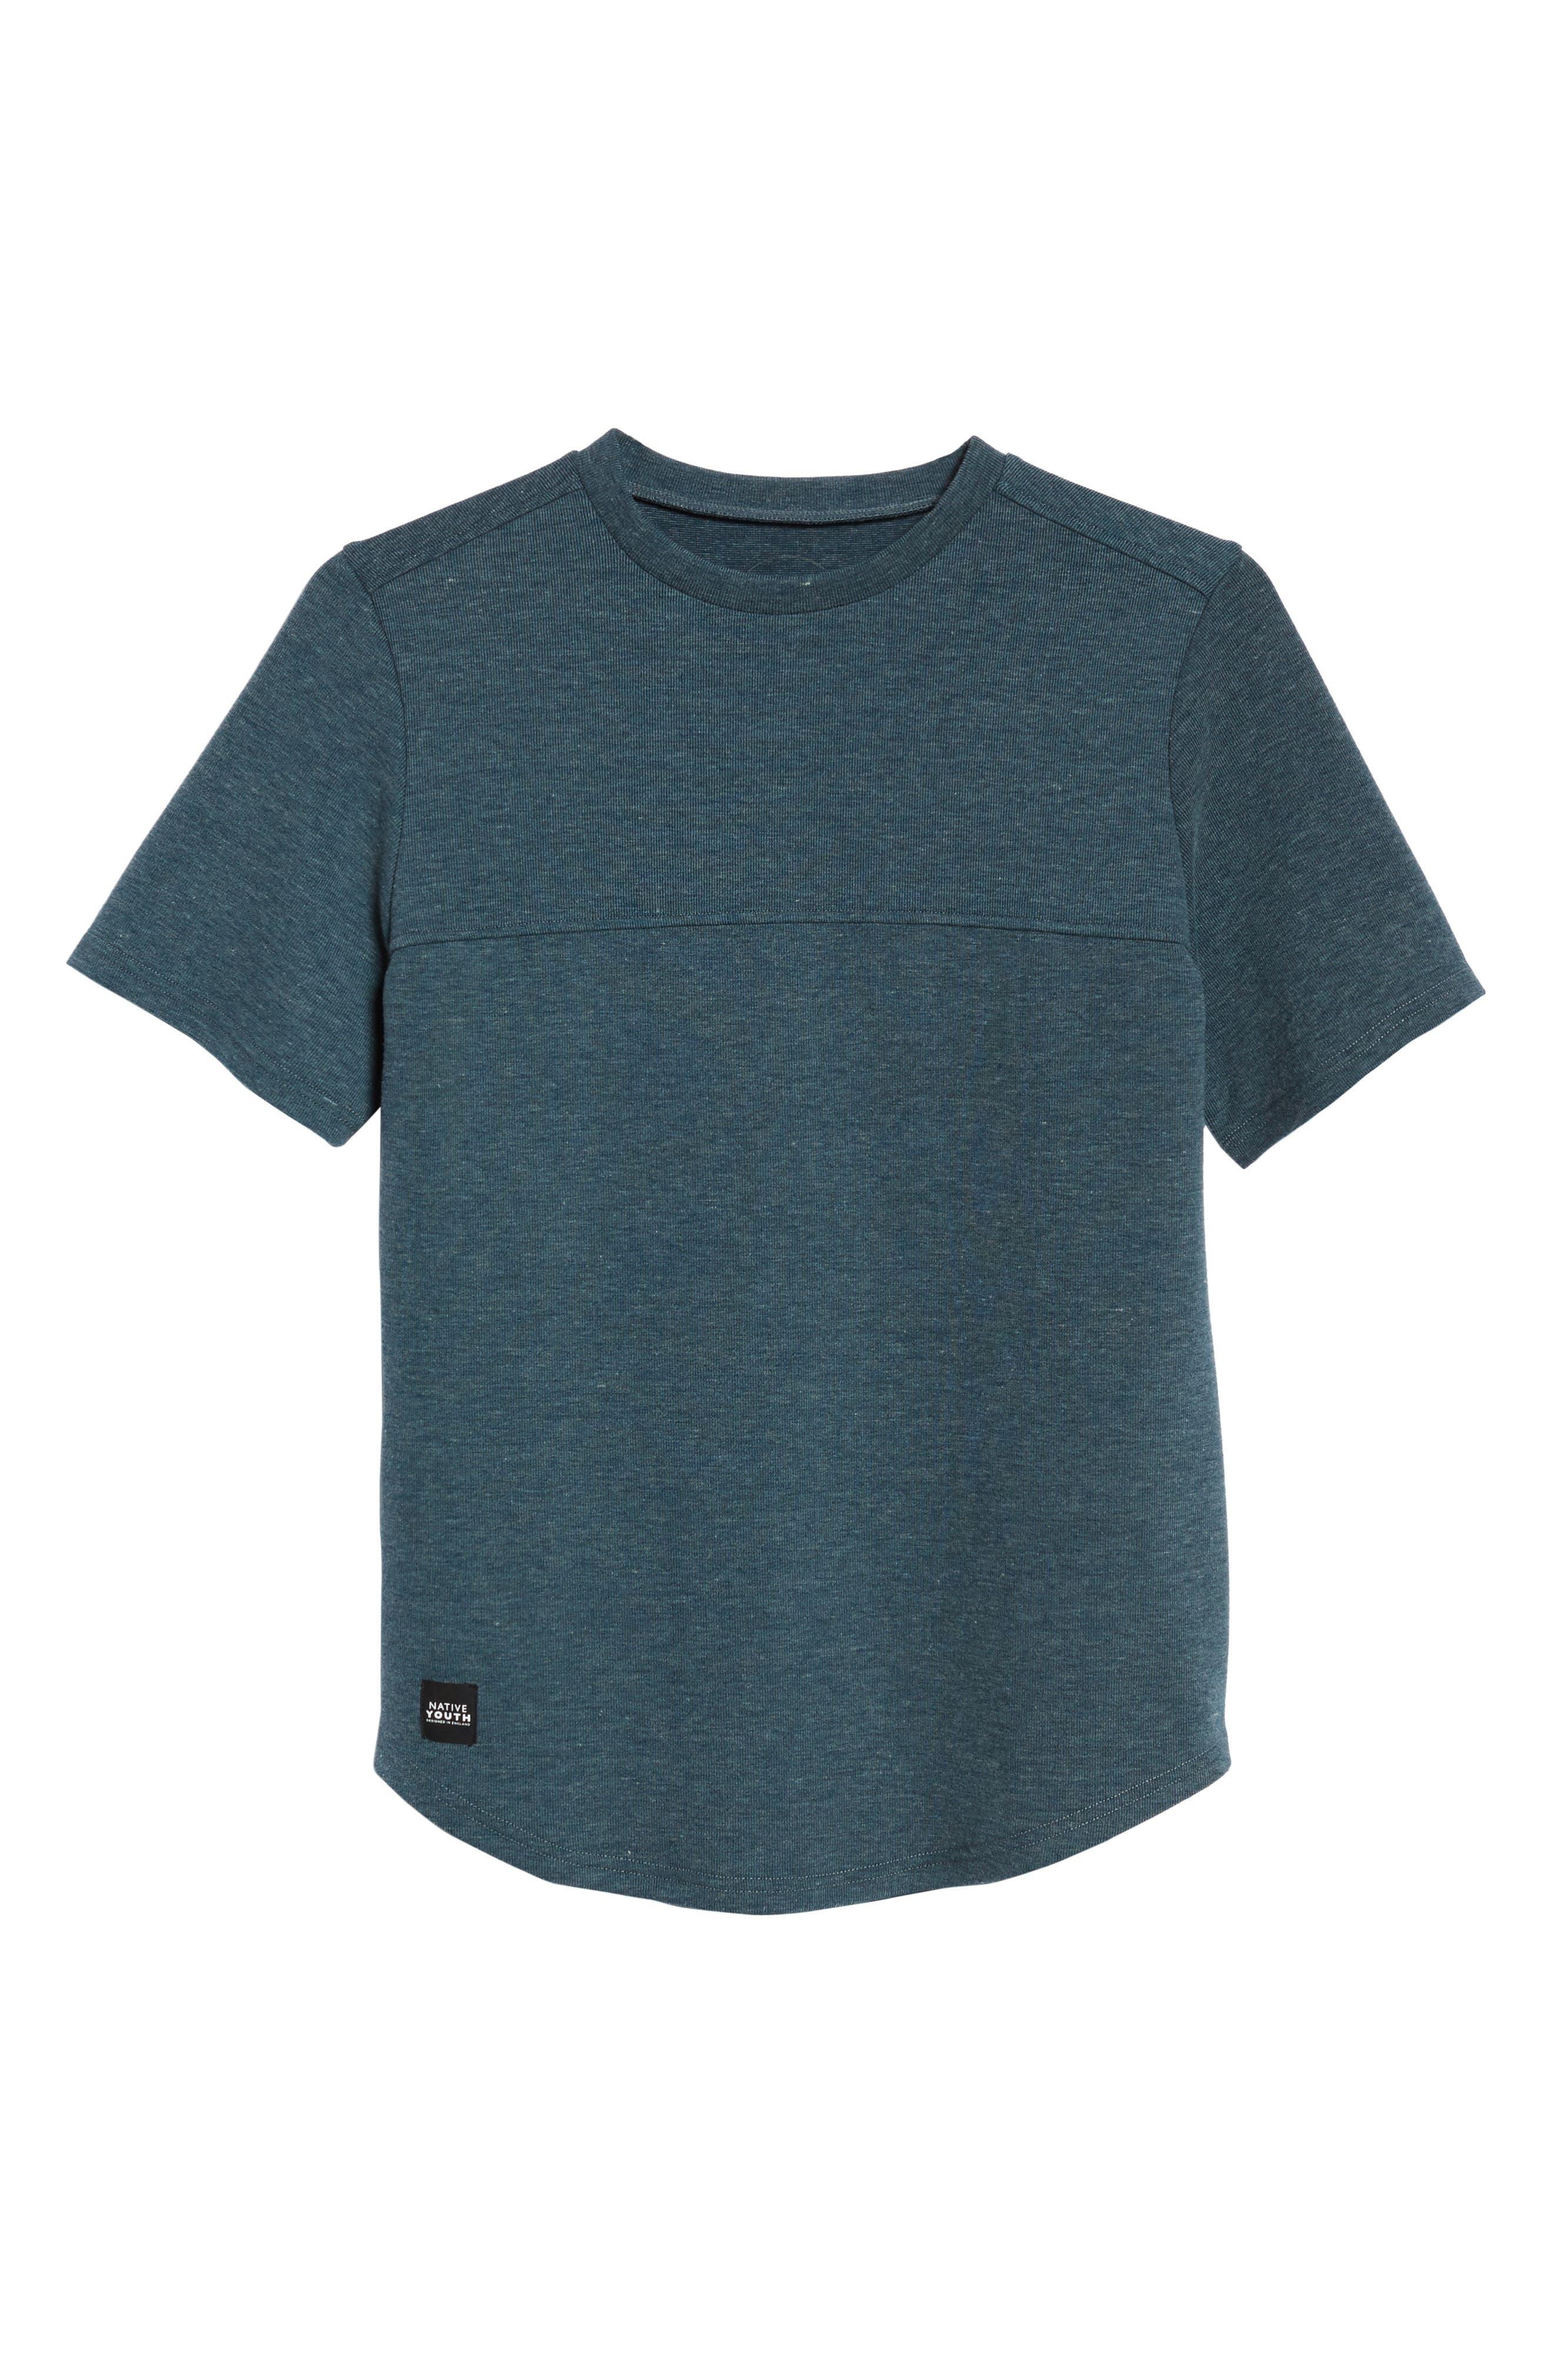 Onyx T-Shirt,                             Alternate thumbnail 6, color,